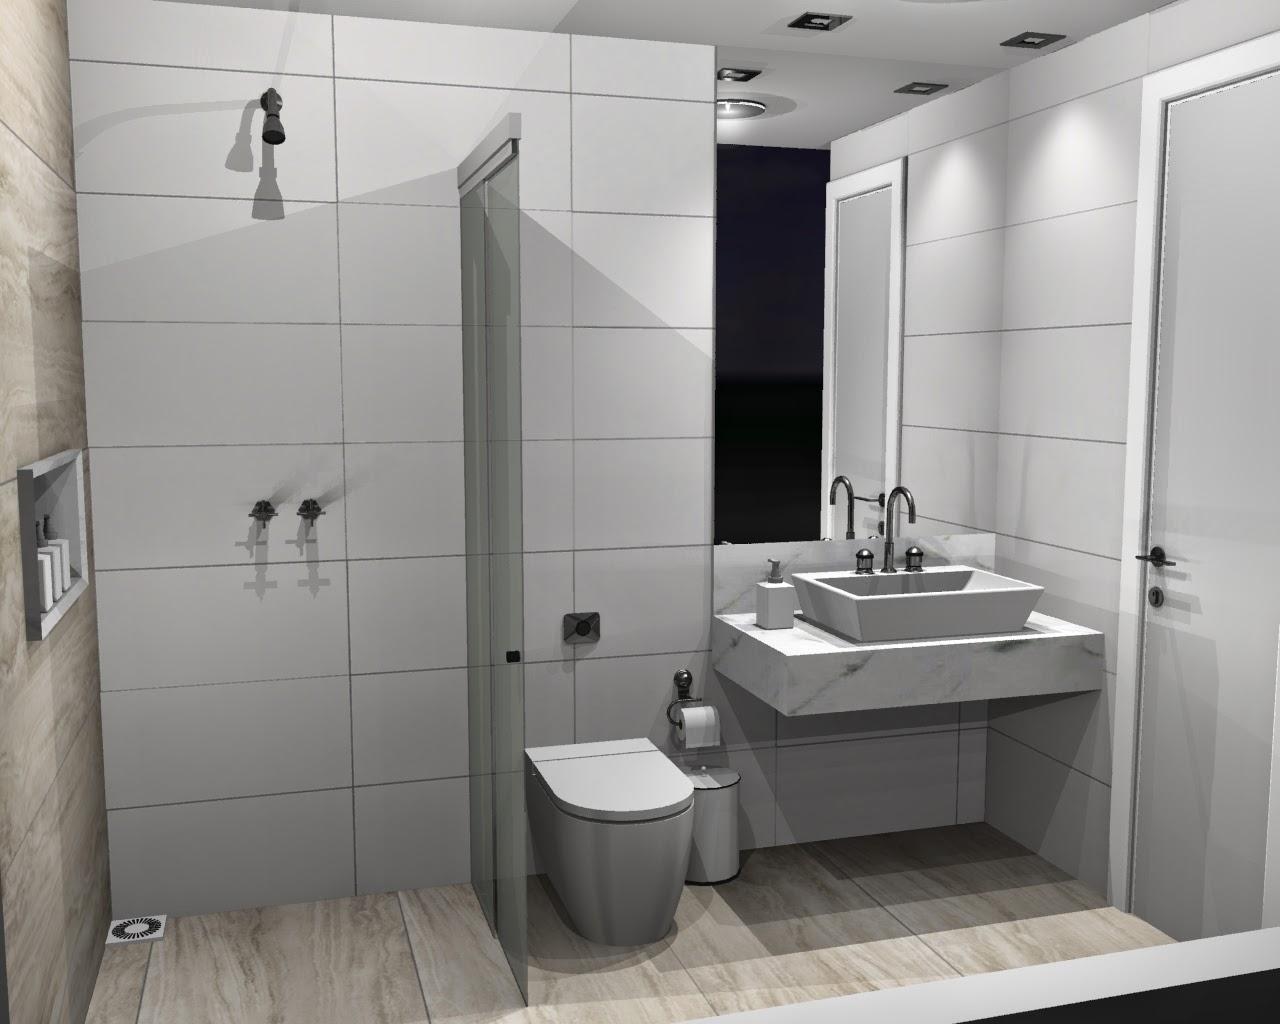 paredes geral) Revestimento branco acetinado tamanho 30x60 e  #6F675C 1280 1024